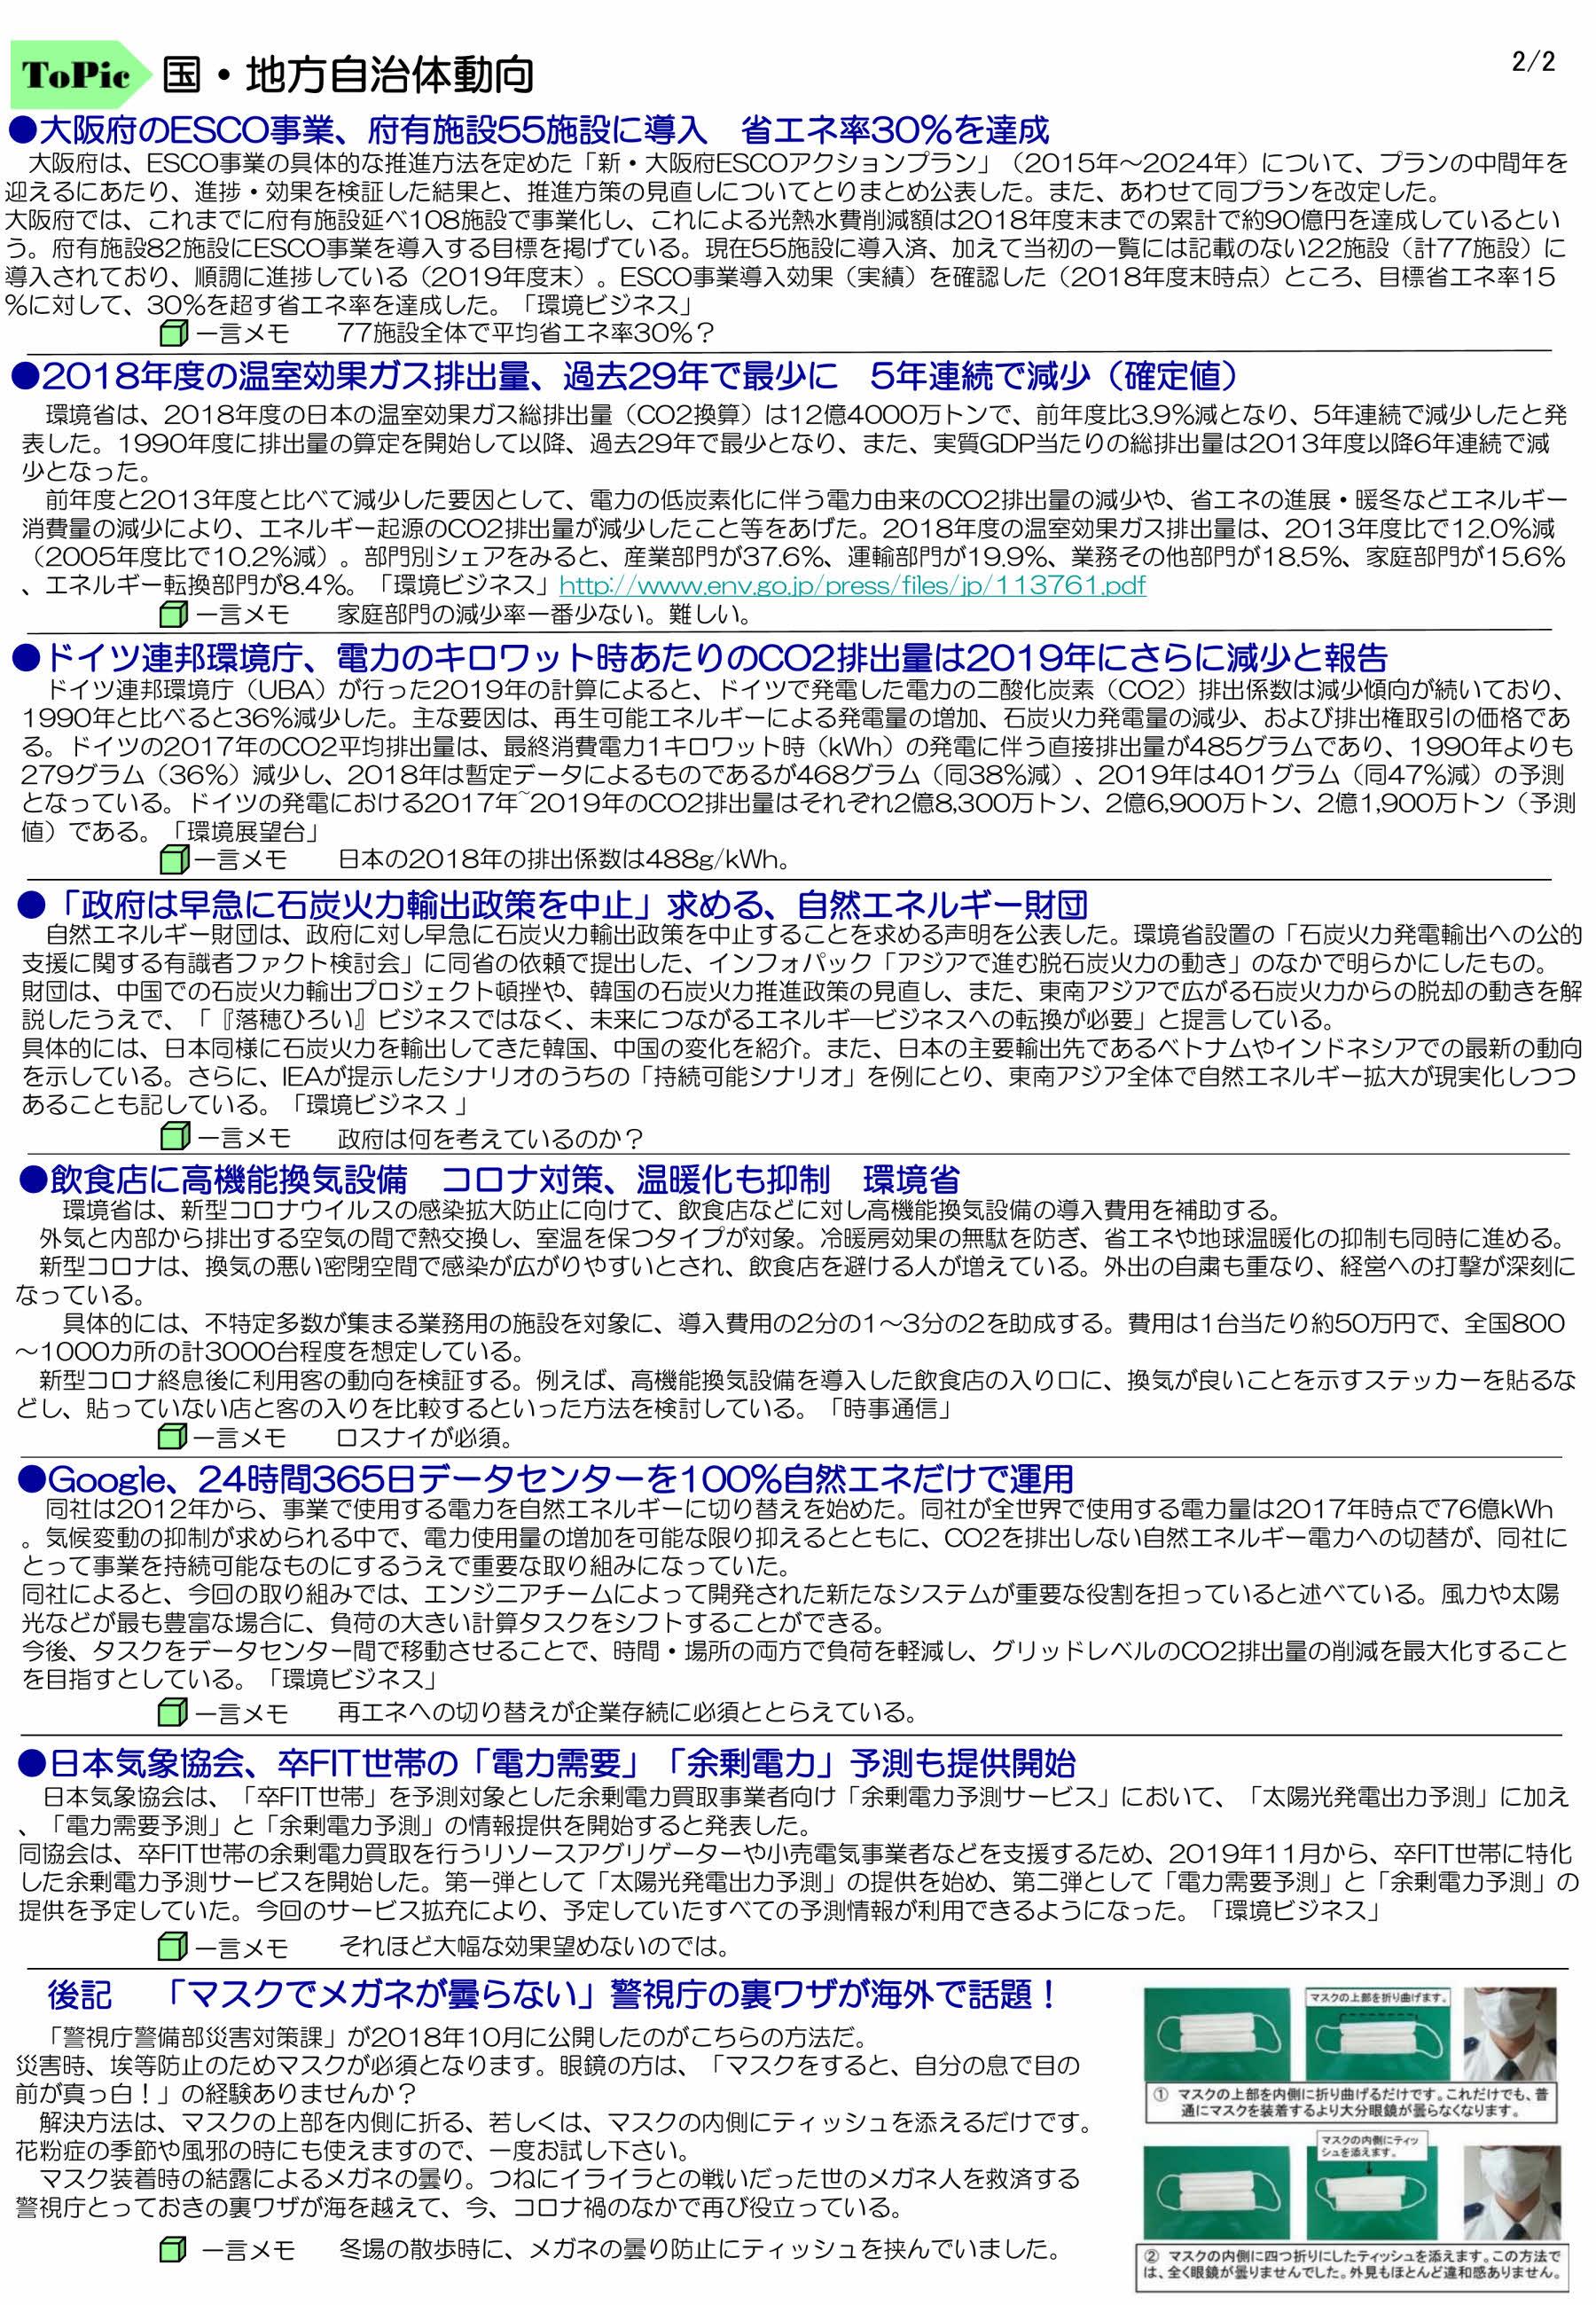 資源エネレポート -N0.73-